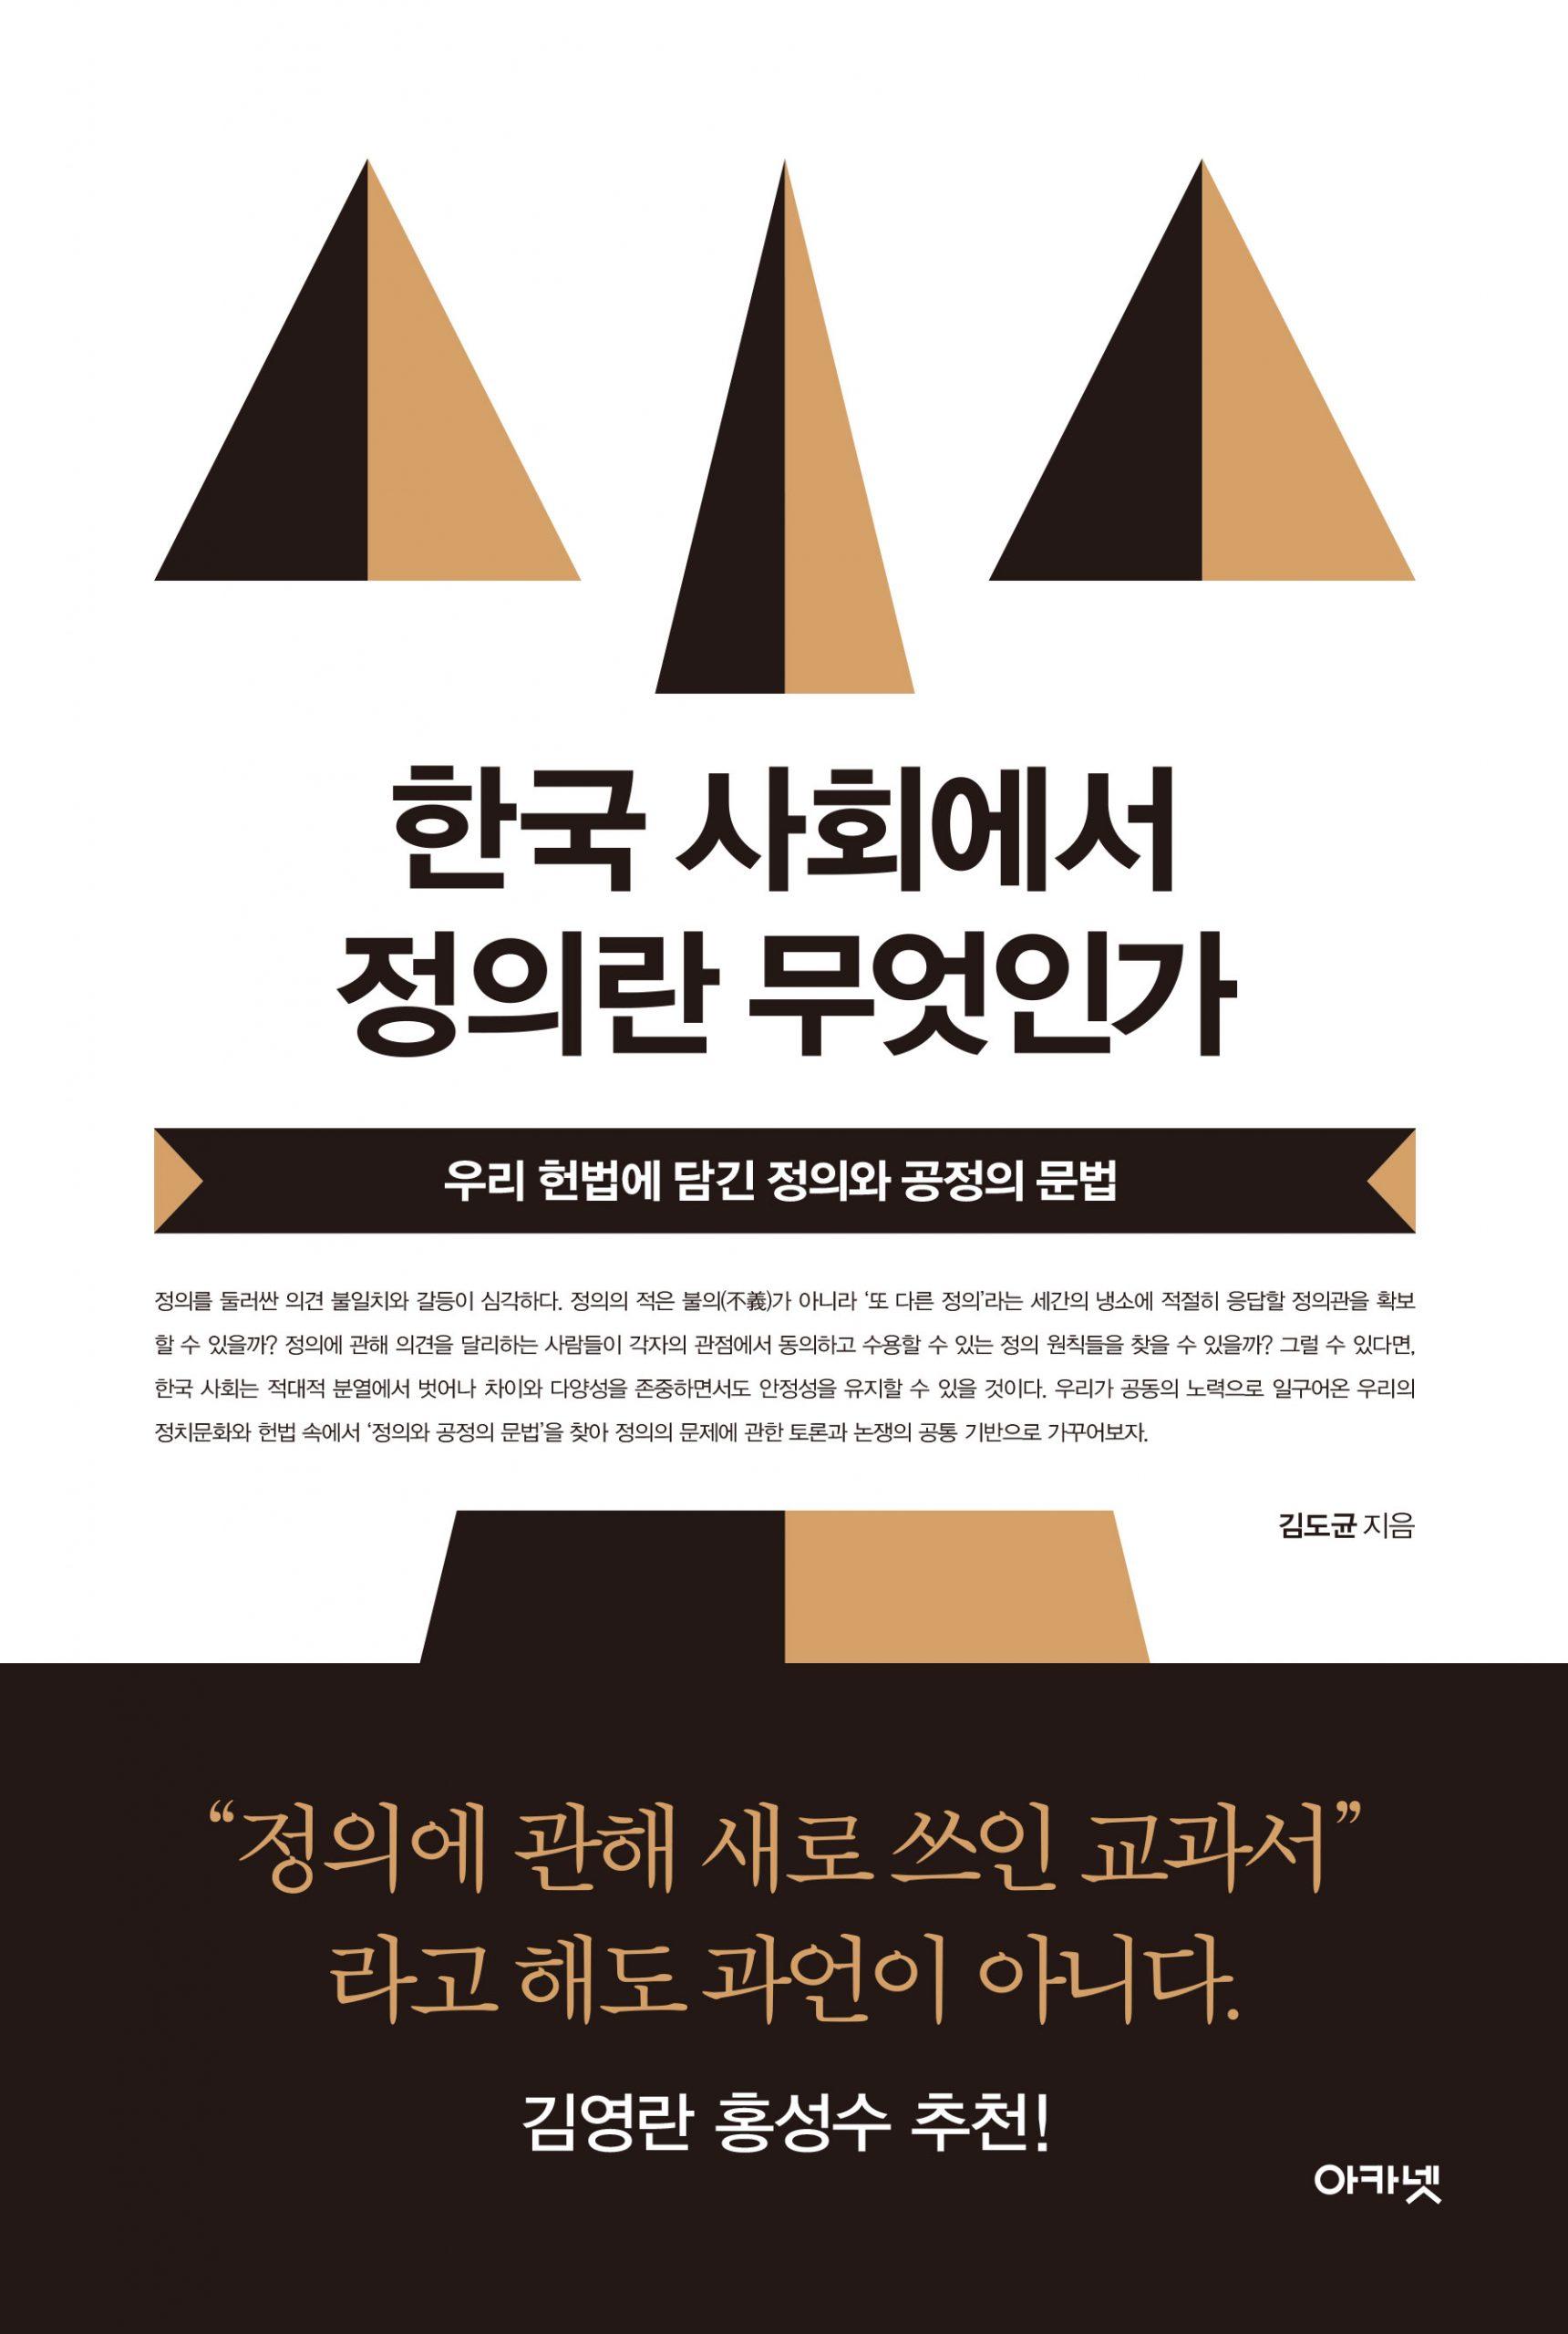 대우재단 대우휴먼사이언스 제27권 한국 사회에서 정의란 무엇인가 written by 김도균 and published by 아카넷 in 2020